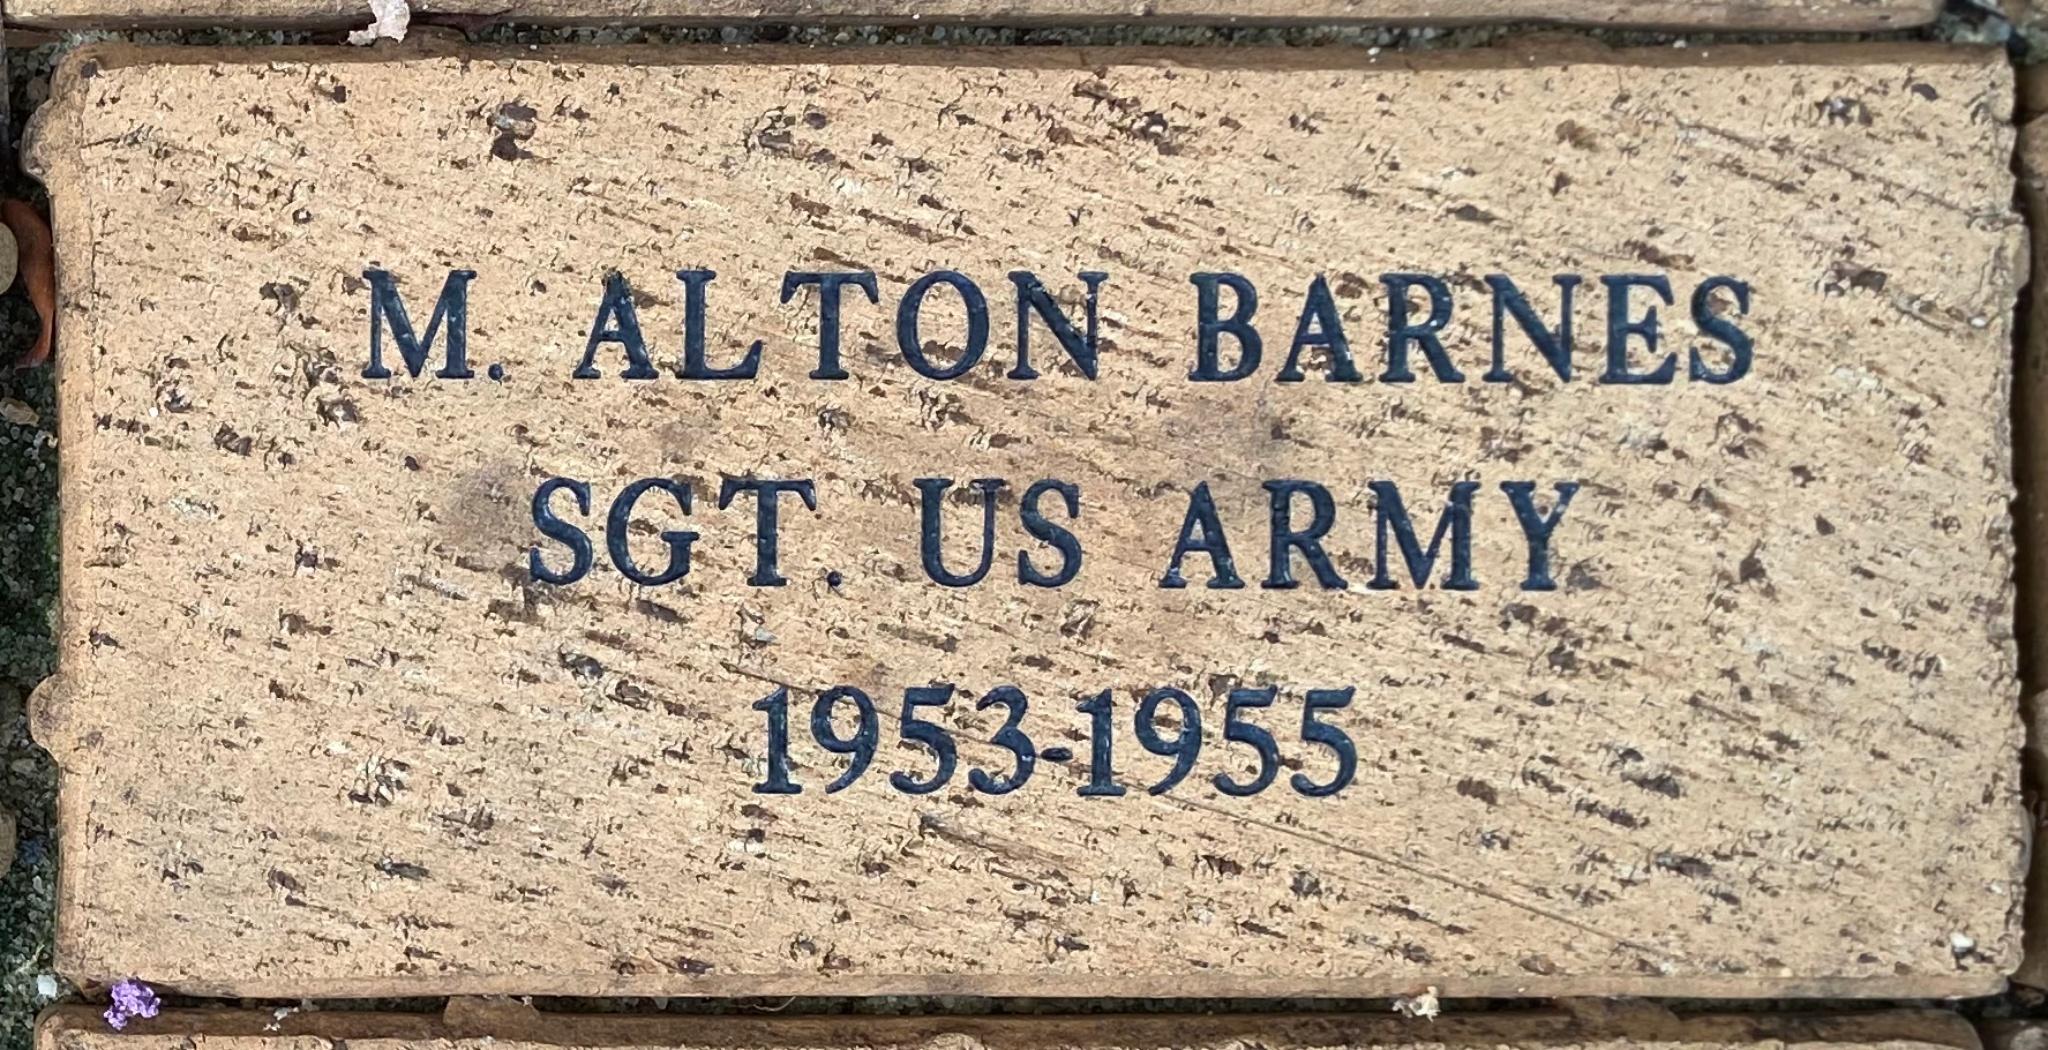 M. ALTON BARNES SGT. US ARMY 1953-1955